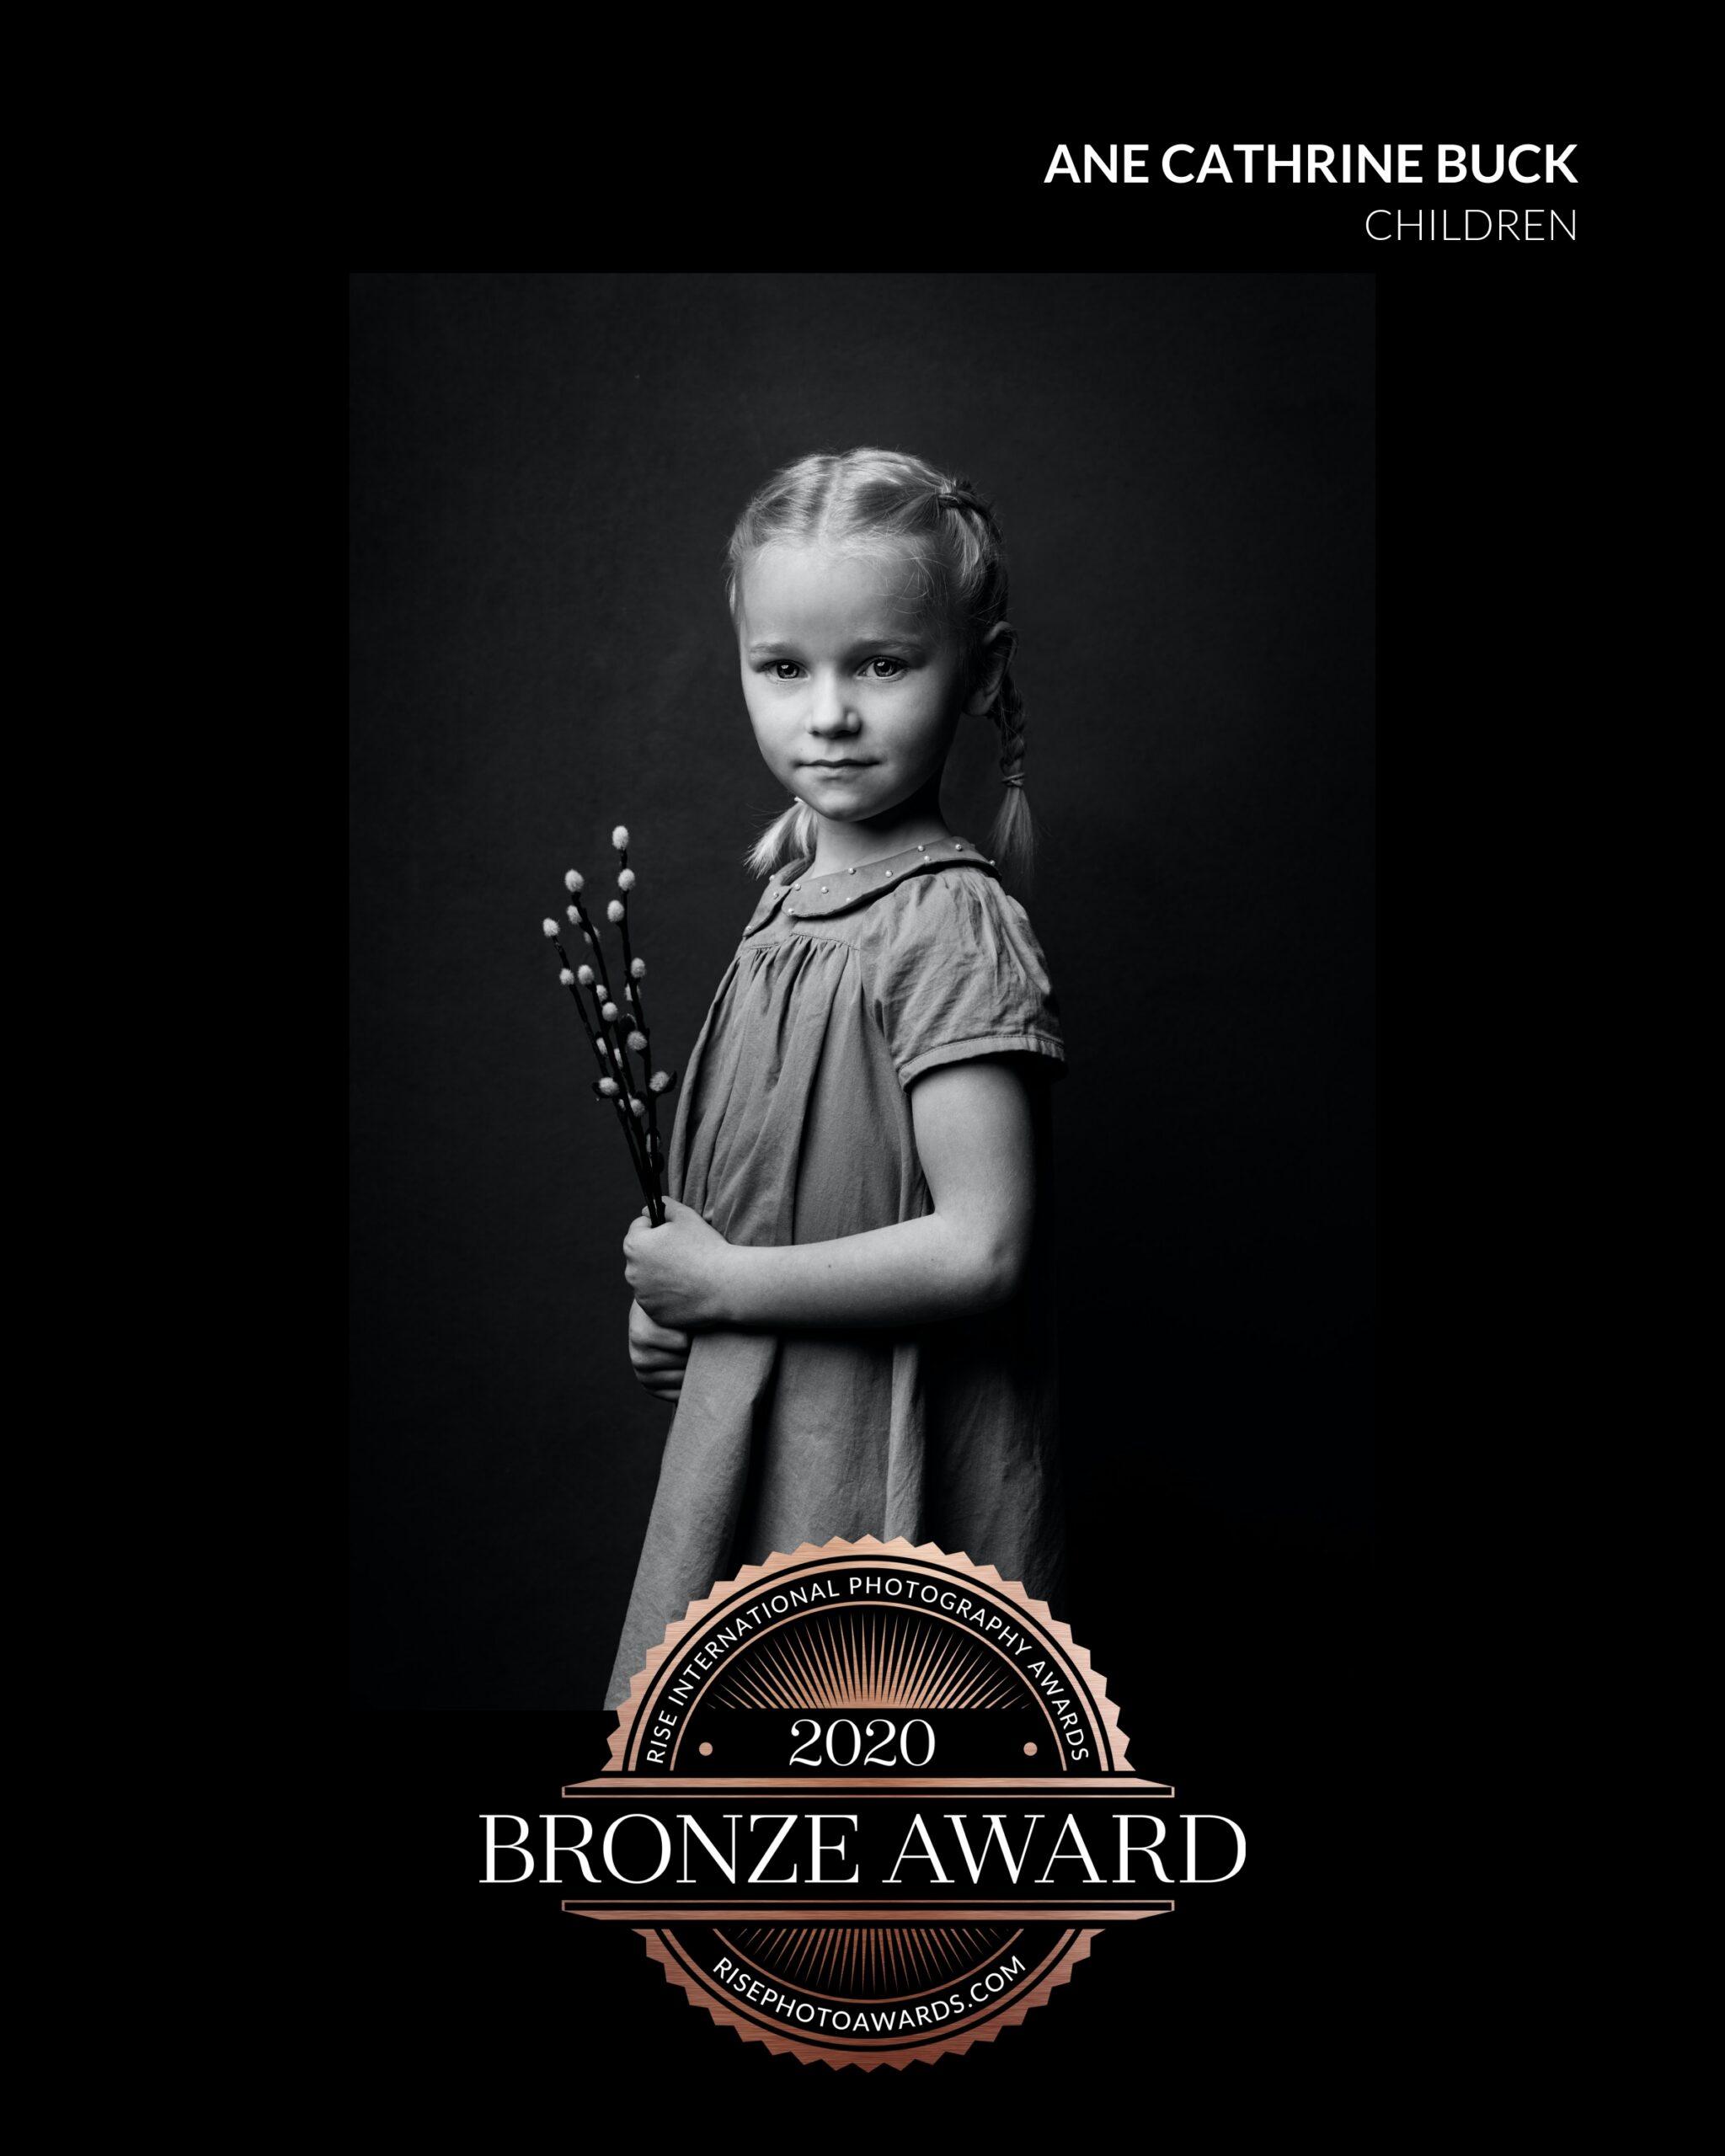 Fotograf ane Cathrine Buck bronsemedalje